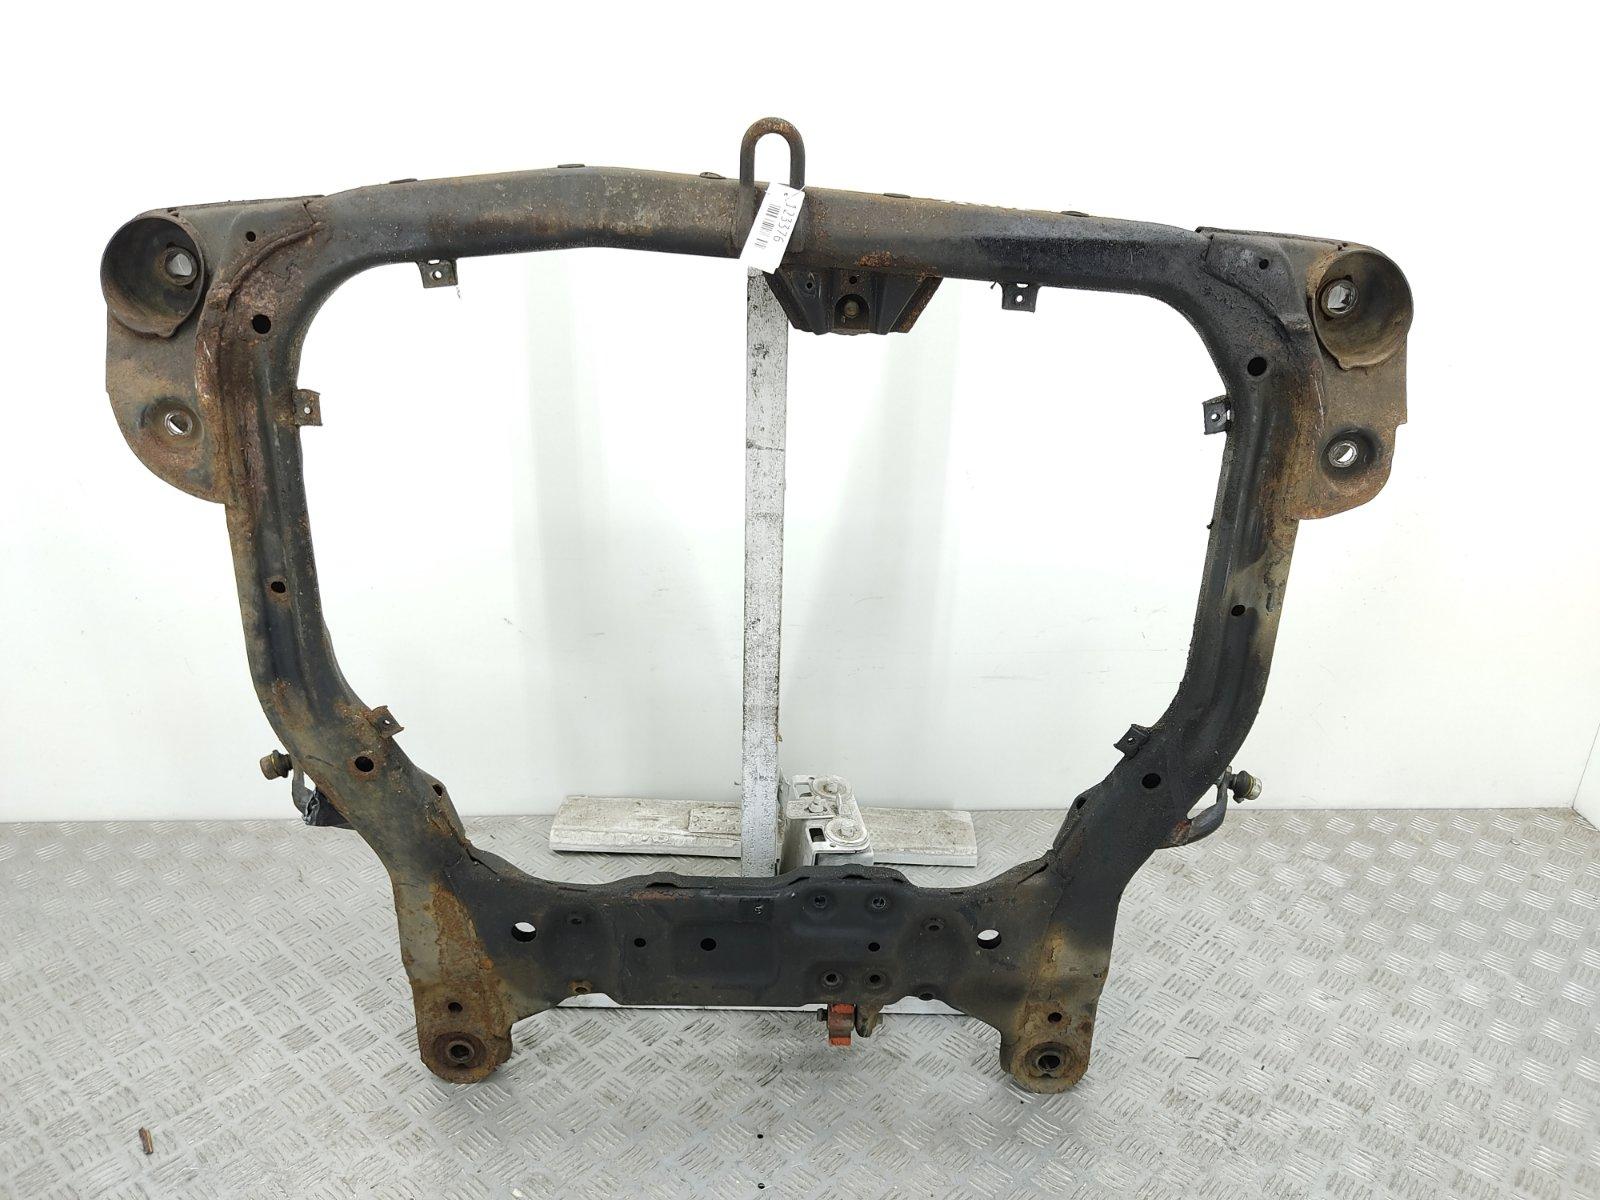 Балка подвески передняя (подрамник) Kia Ceed 1.6 CRDI 2009 (б/у)